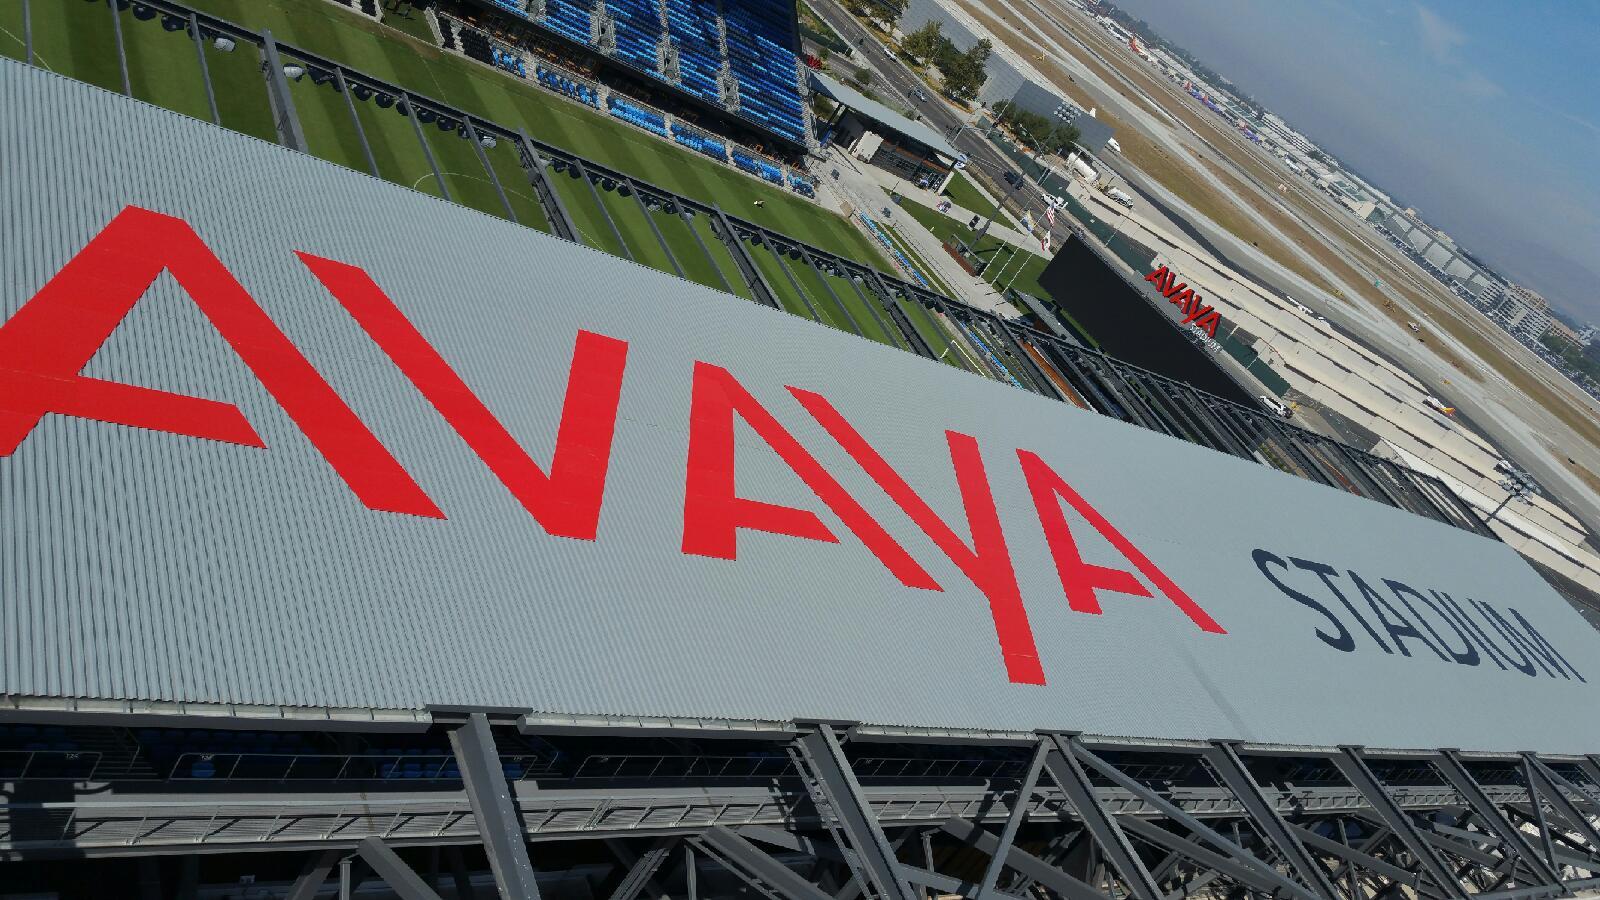 Avaya Soccer Stadium Roof Top Sign San Jose